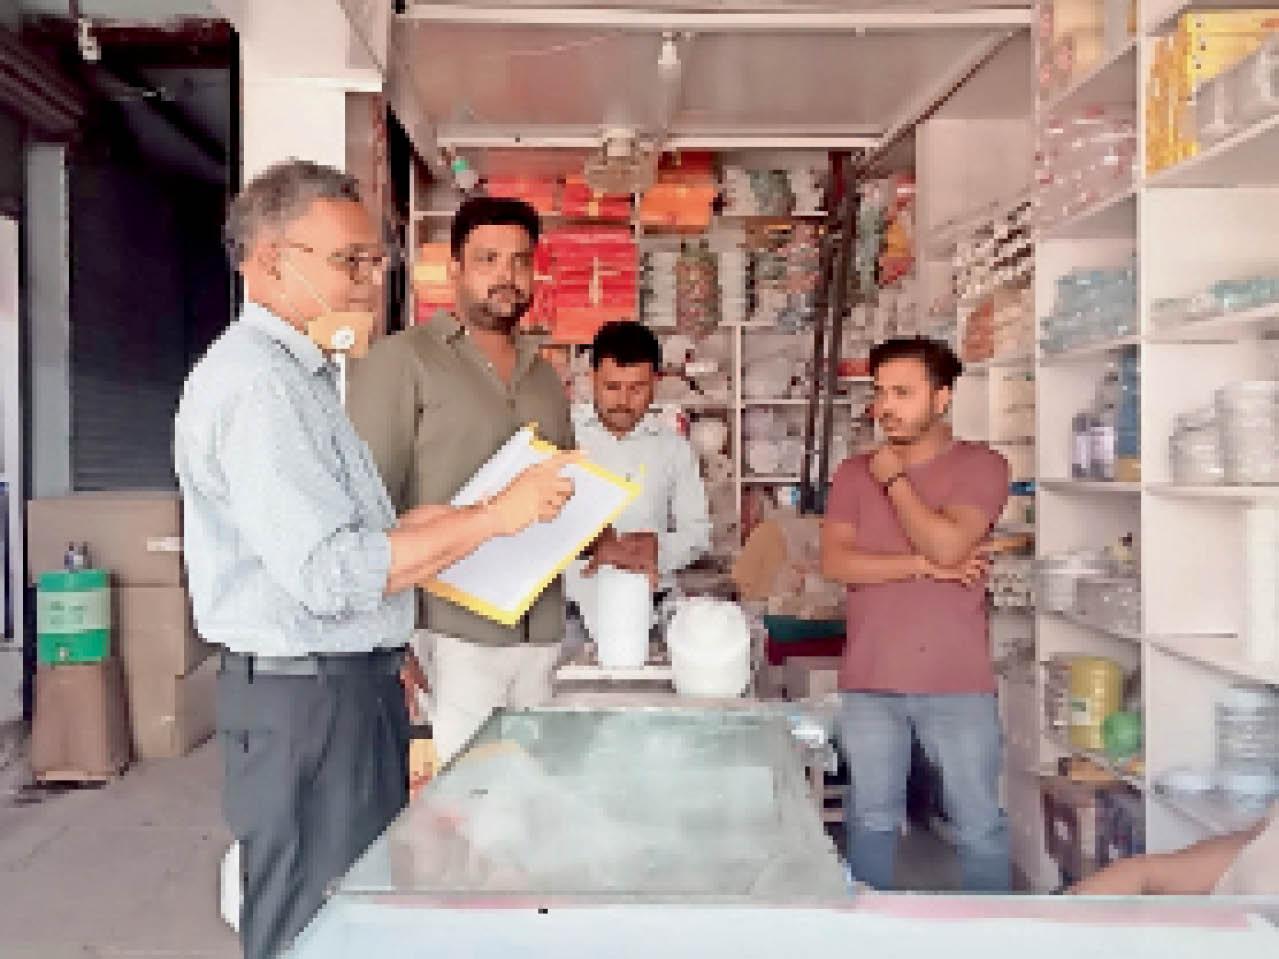 नगर पालिका ने सिंगल यूज प्लास्टिक के खिलाफ अभियान प्रारंभ किया। - Dainik Bhaskar